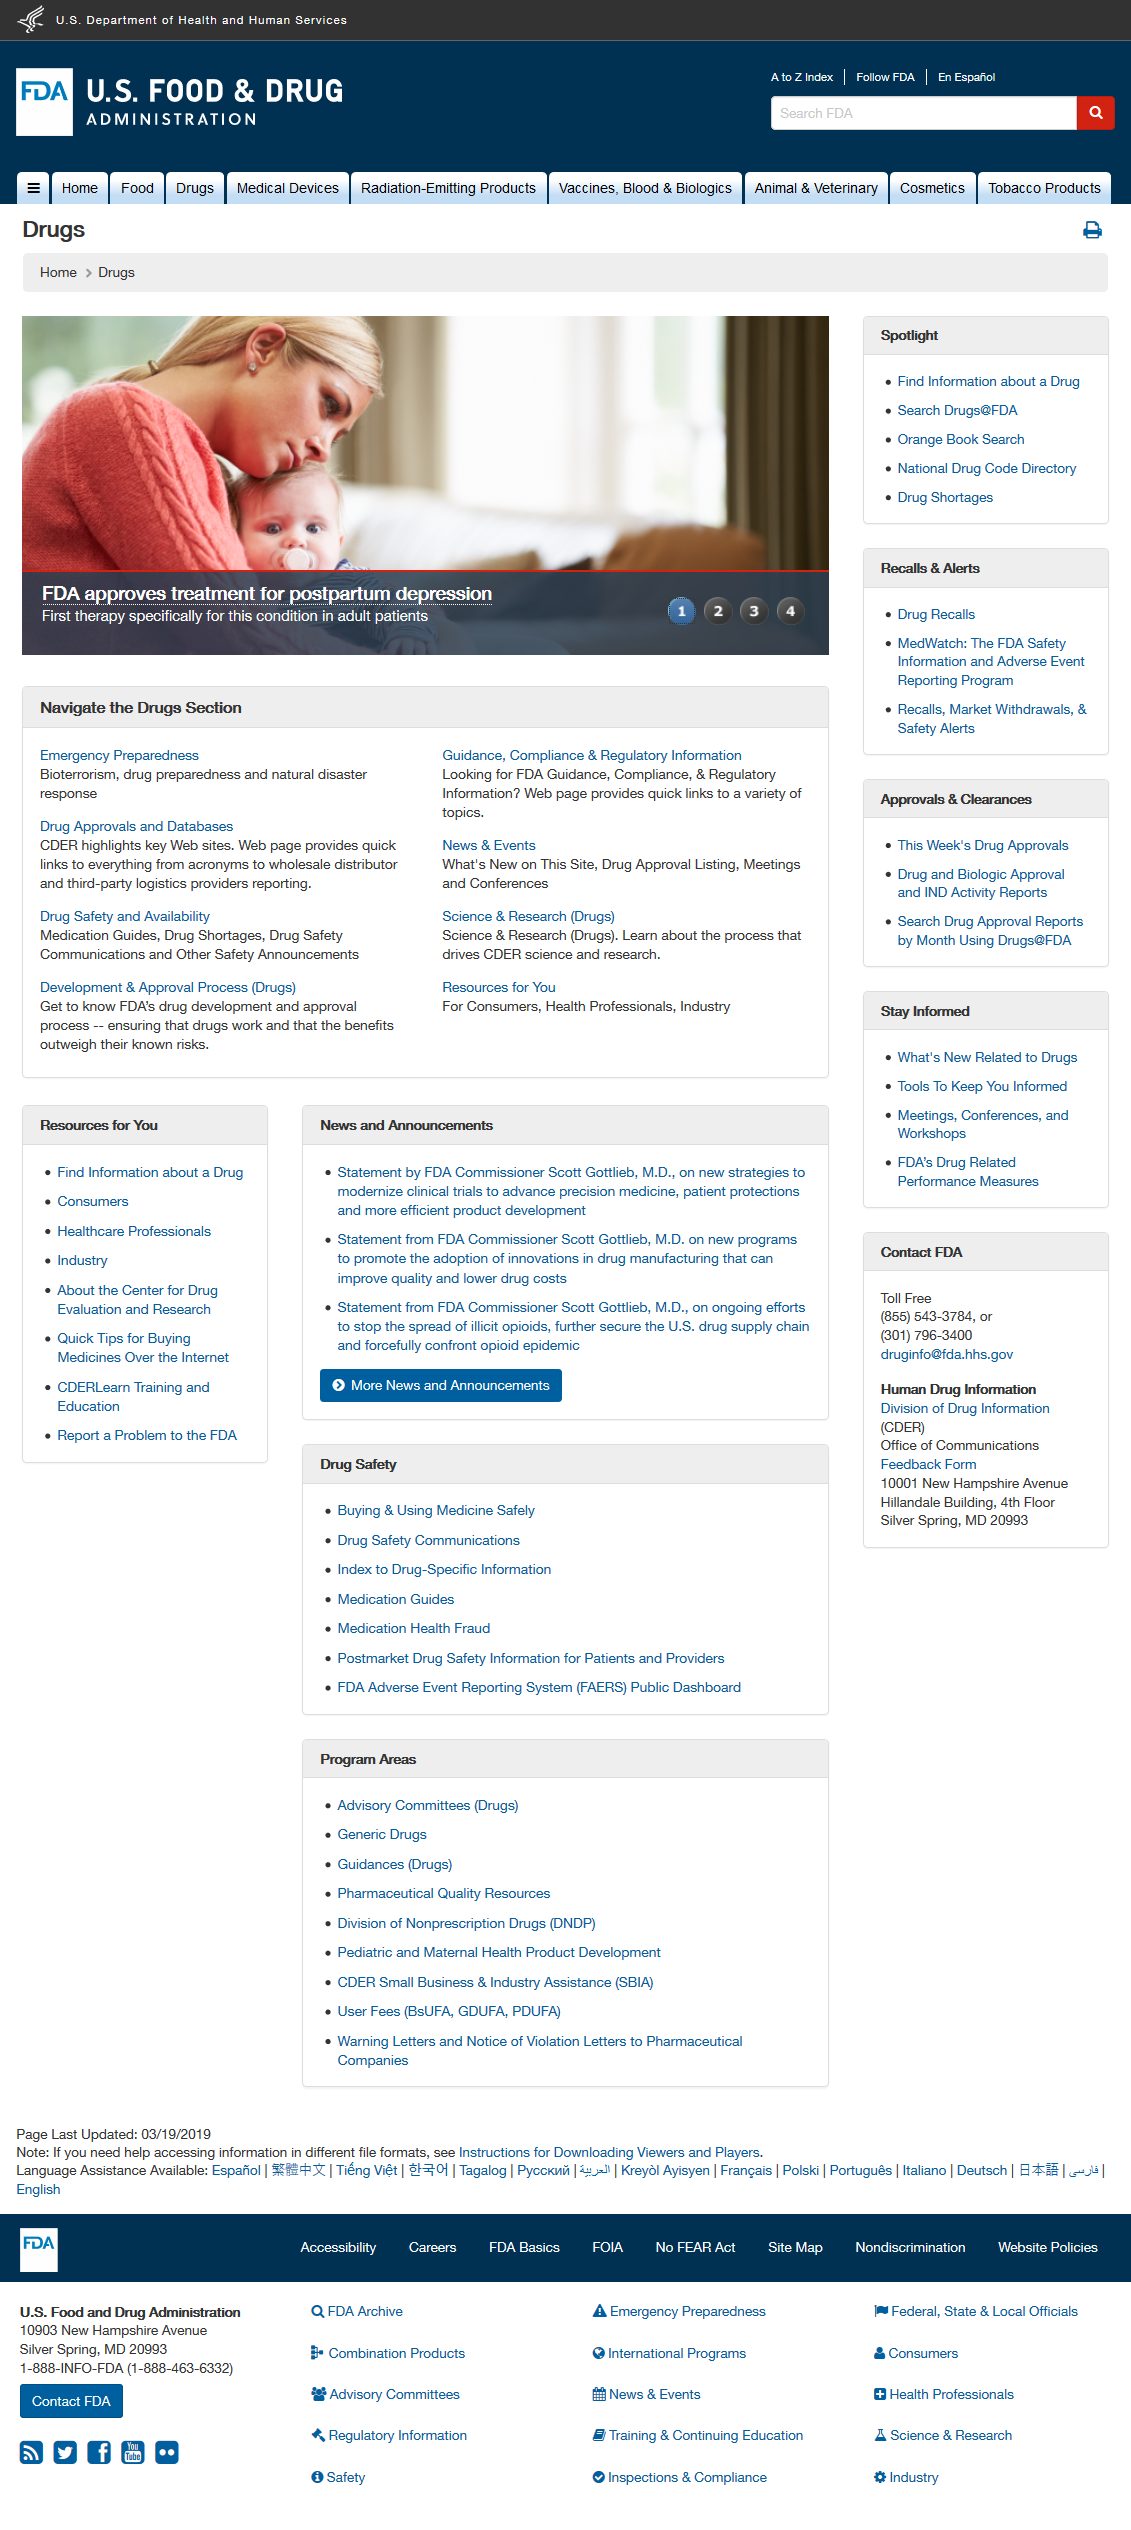 Original CDER home page: Desktop View